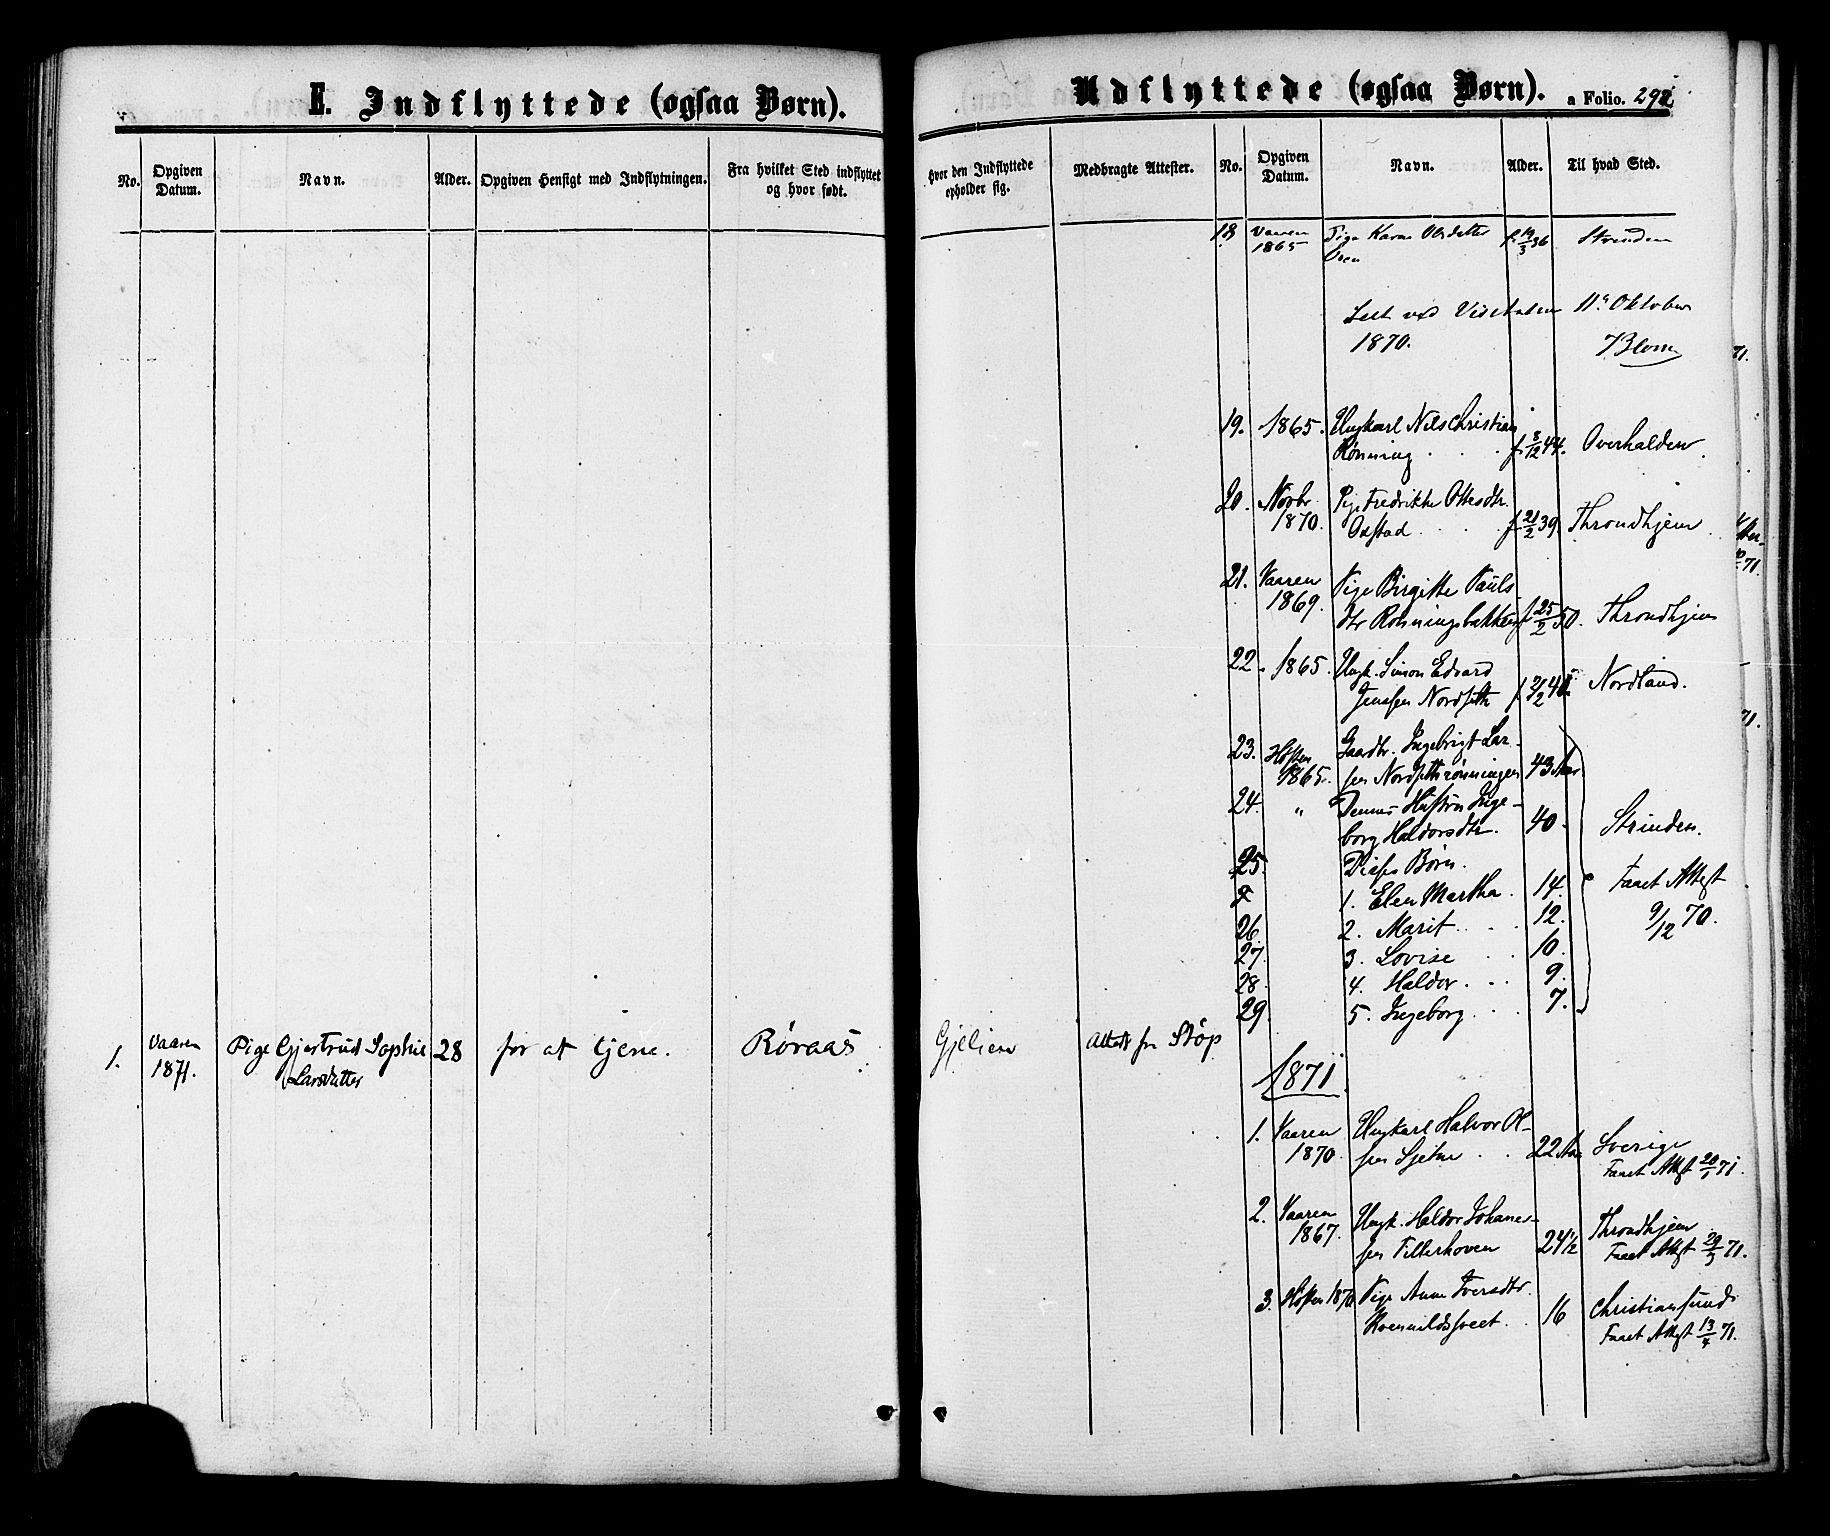 SAT, Ministerialprotokoller, klokkerbøker og fødselsregistre - Sør-Trøndelag, 618/L0442: Ministerialbok nr. 618A06 /1, 1863-1879, s. 292